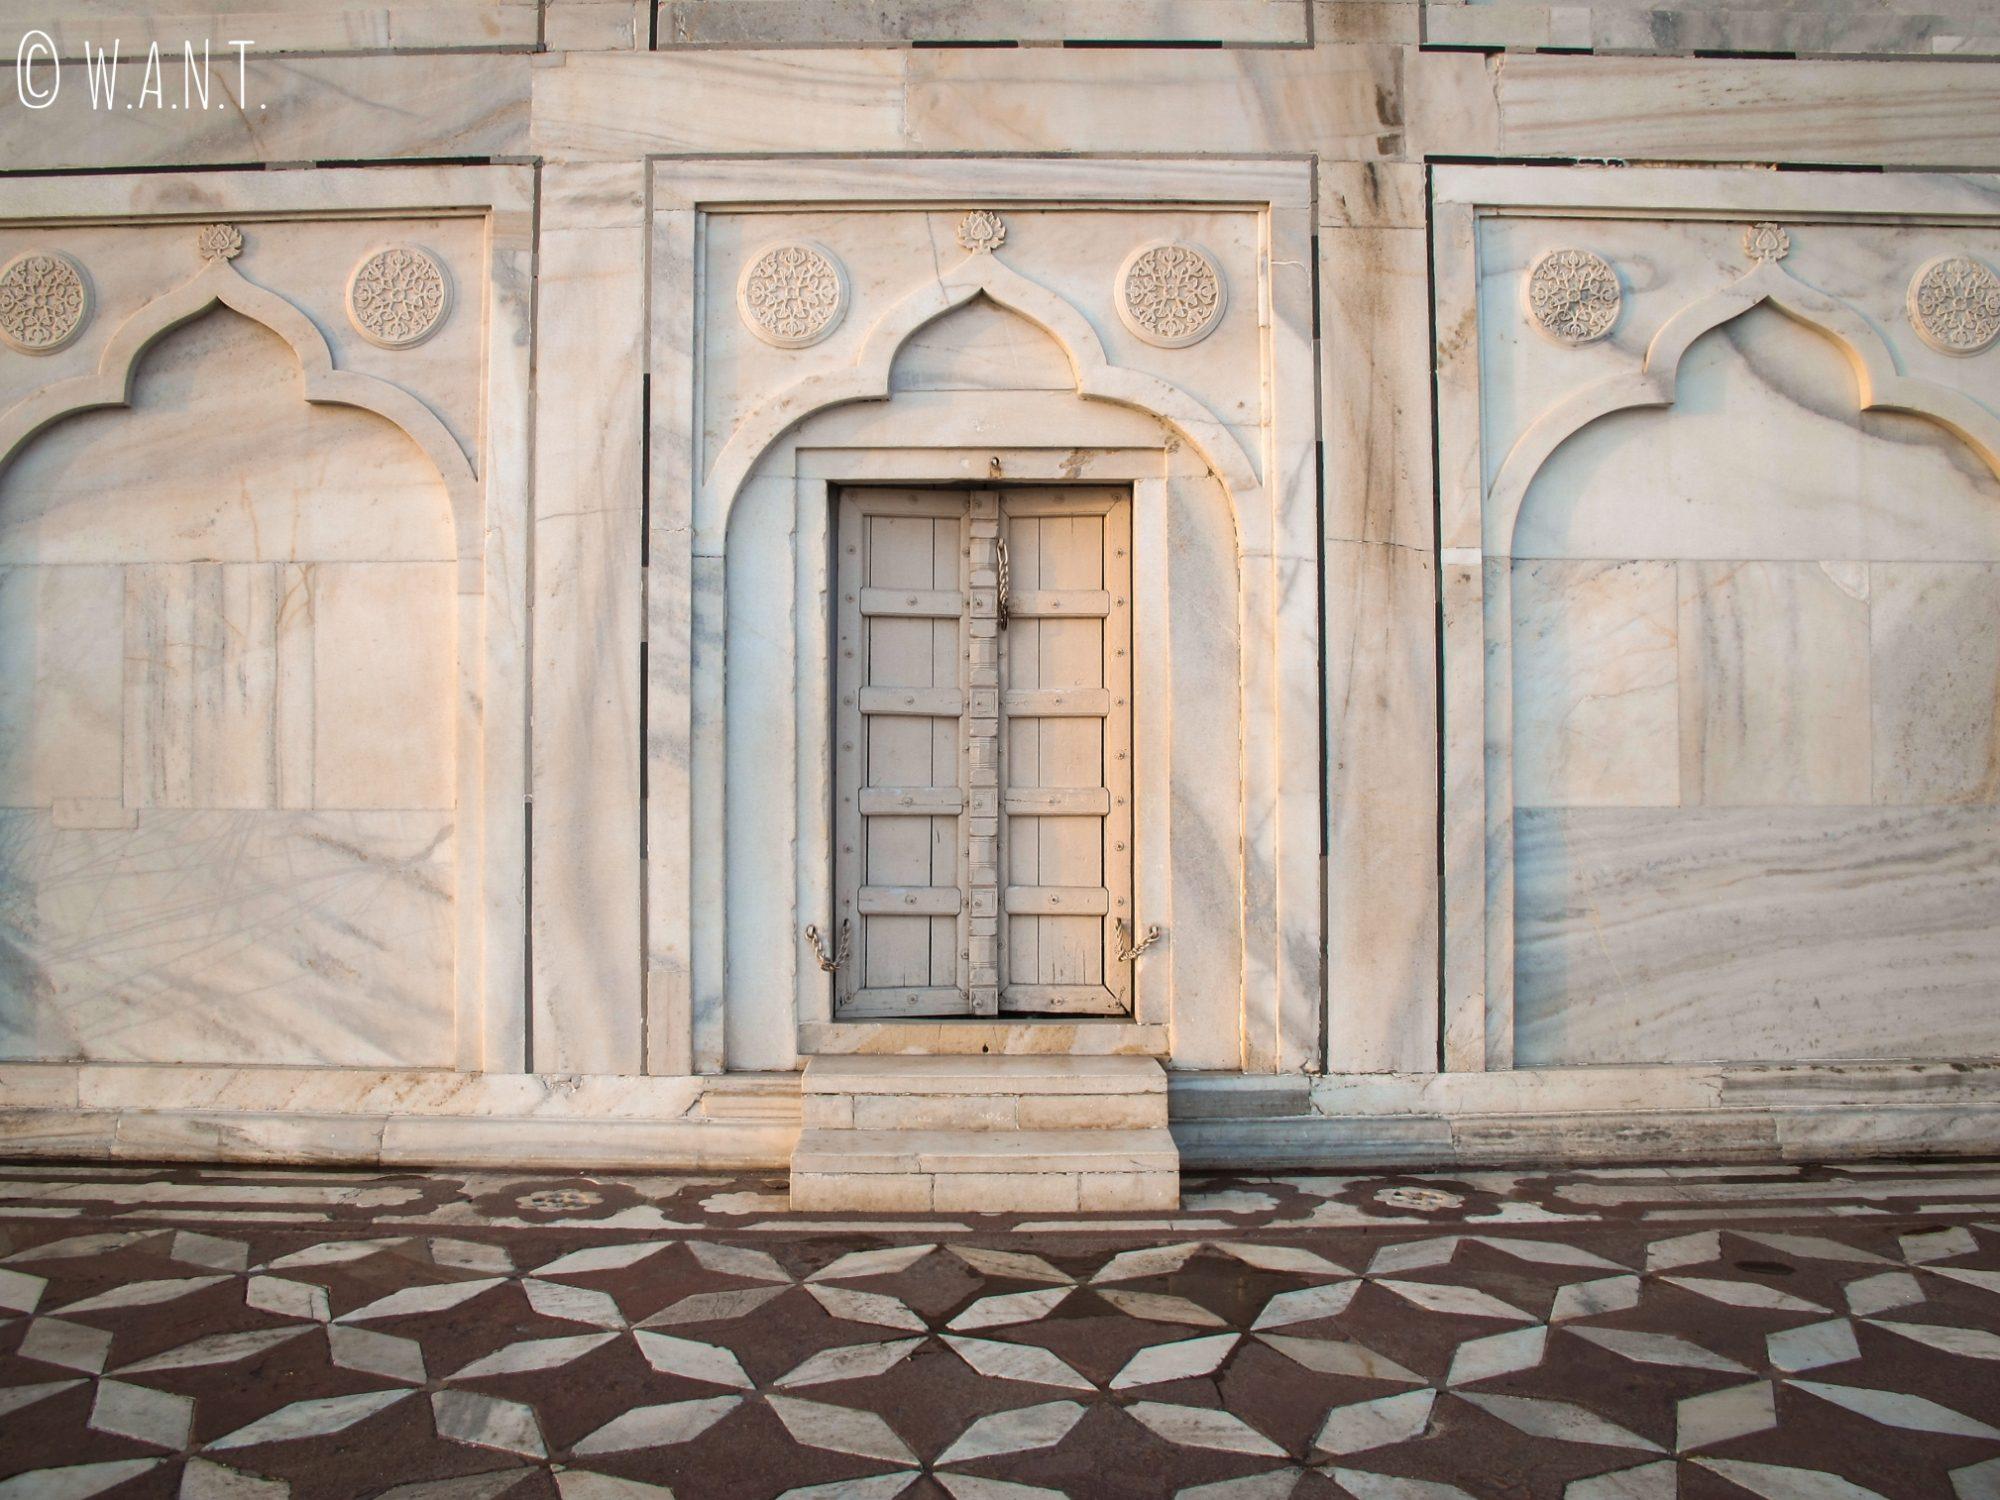 La taille de cette porte d'entrée au pied du Taj Mahal est inversement proportionnelle à celle de l'édifice !